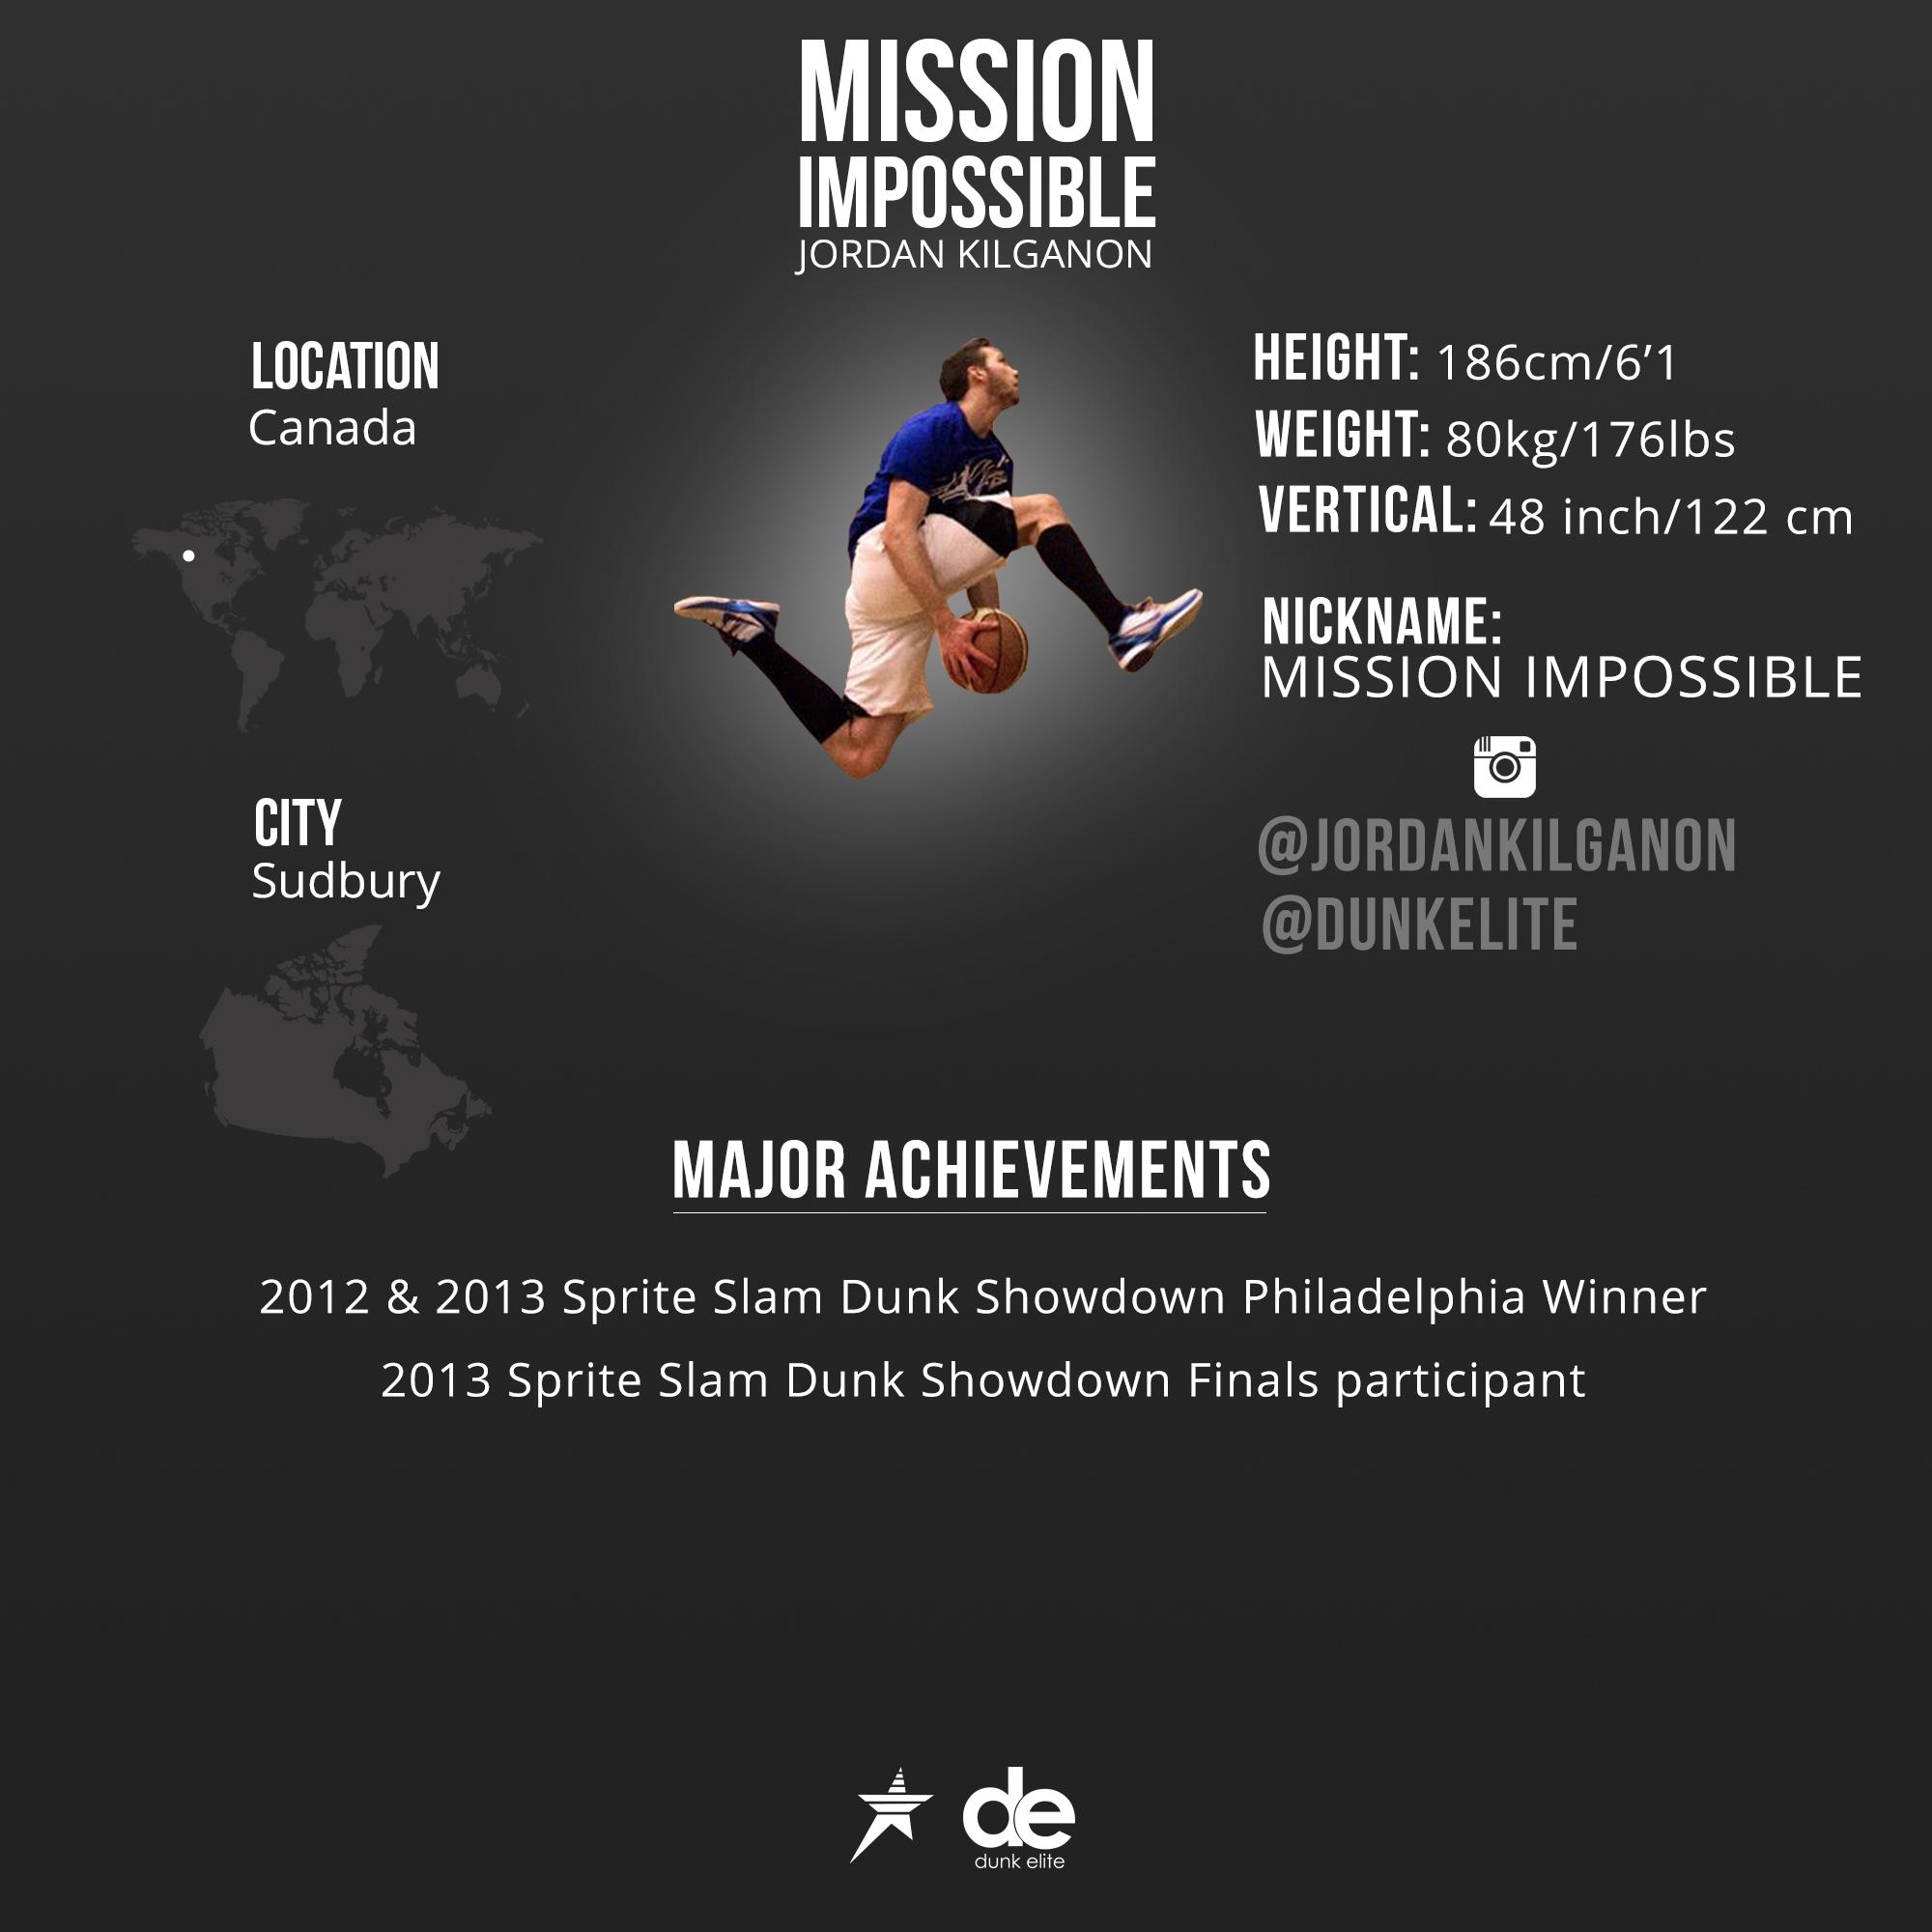 Reconocimiento Descarte Destrucción  Jordan Kilganon - Dunk Elite - Dunk Elite